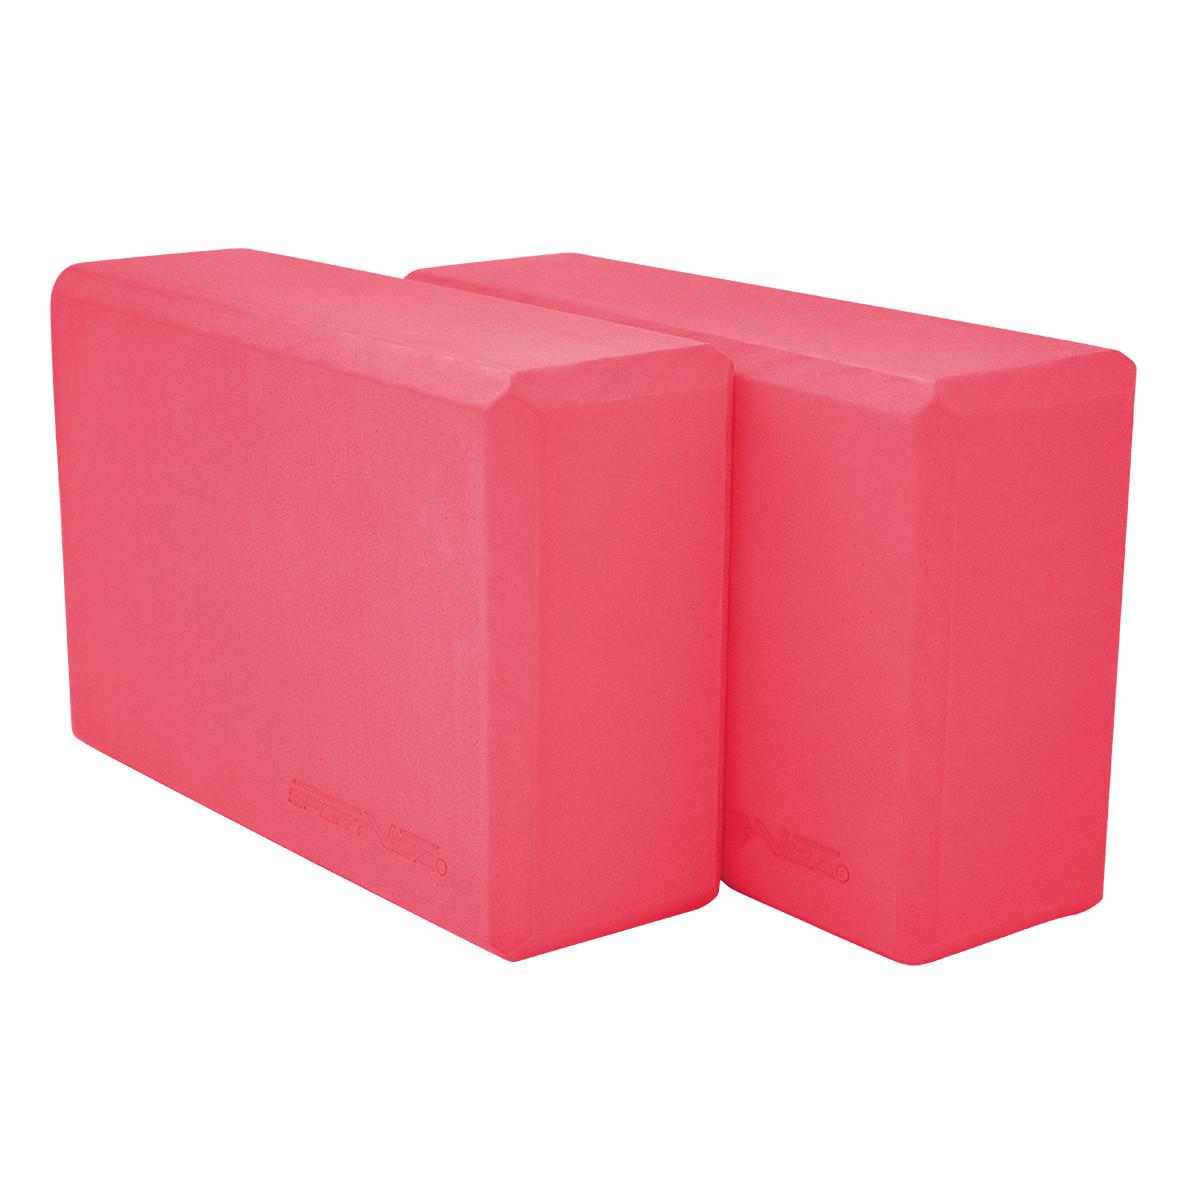 Блок для йоги 2 шт SportVida SV-HK0168-2 Pink. Кирпич для йоги, йога-блок розовый